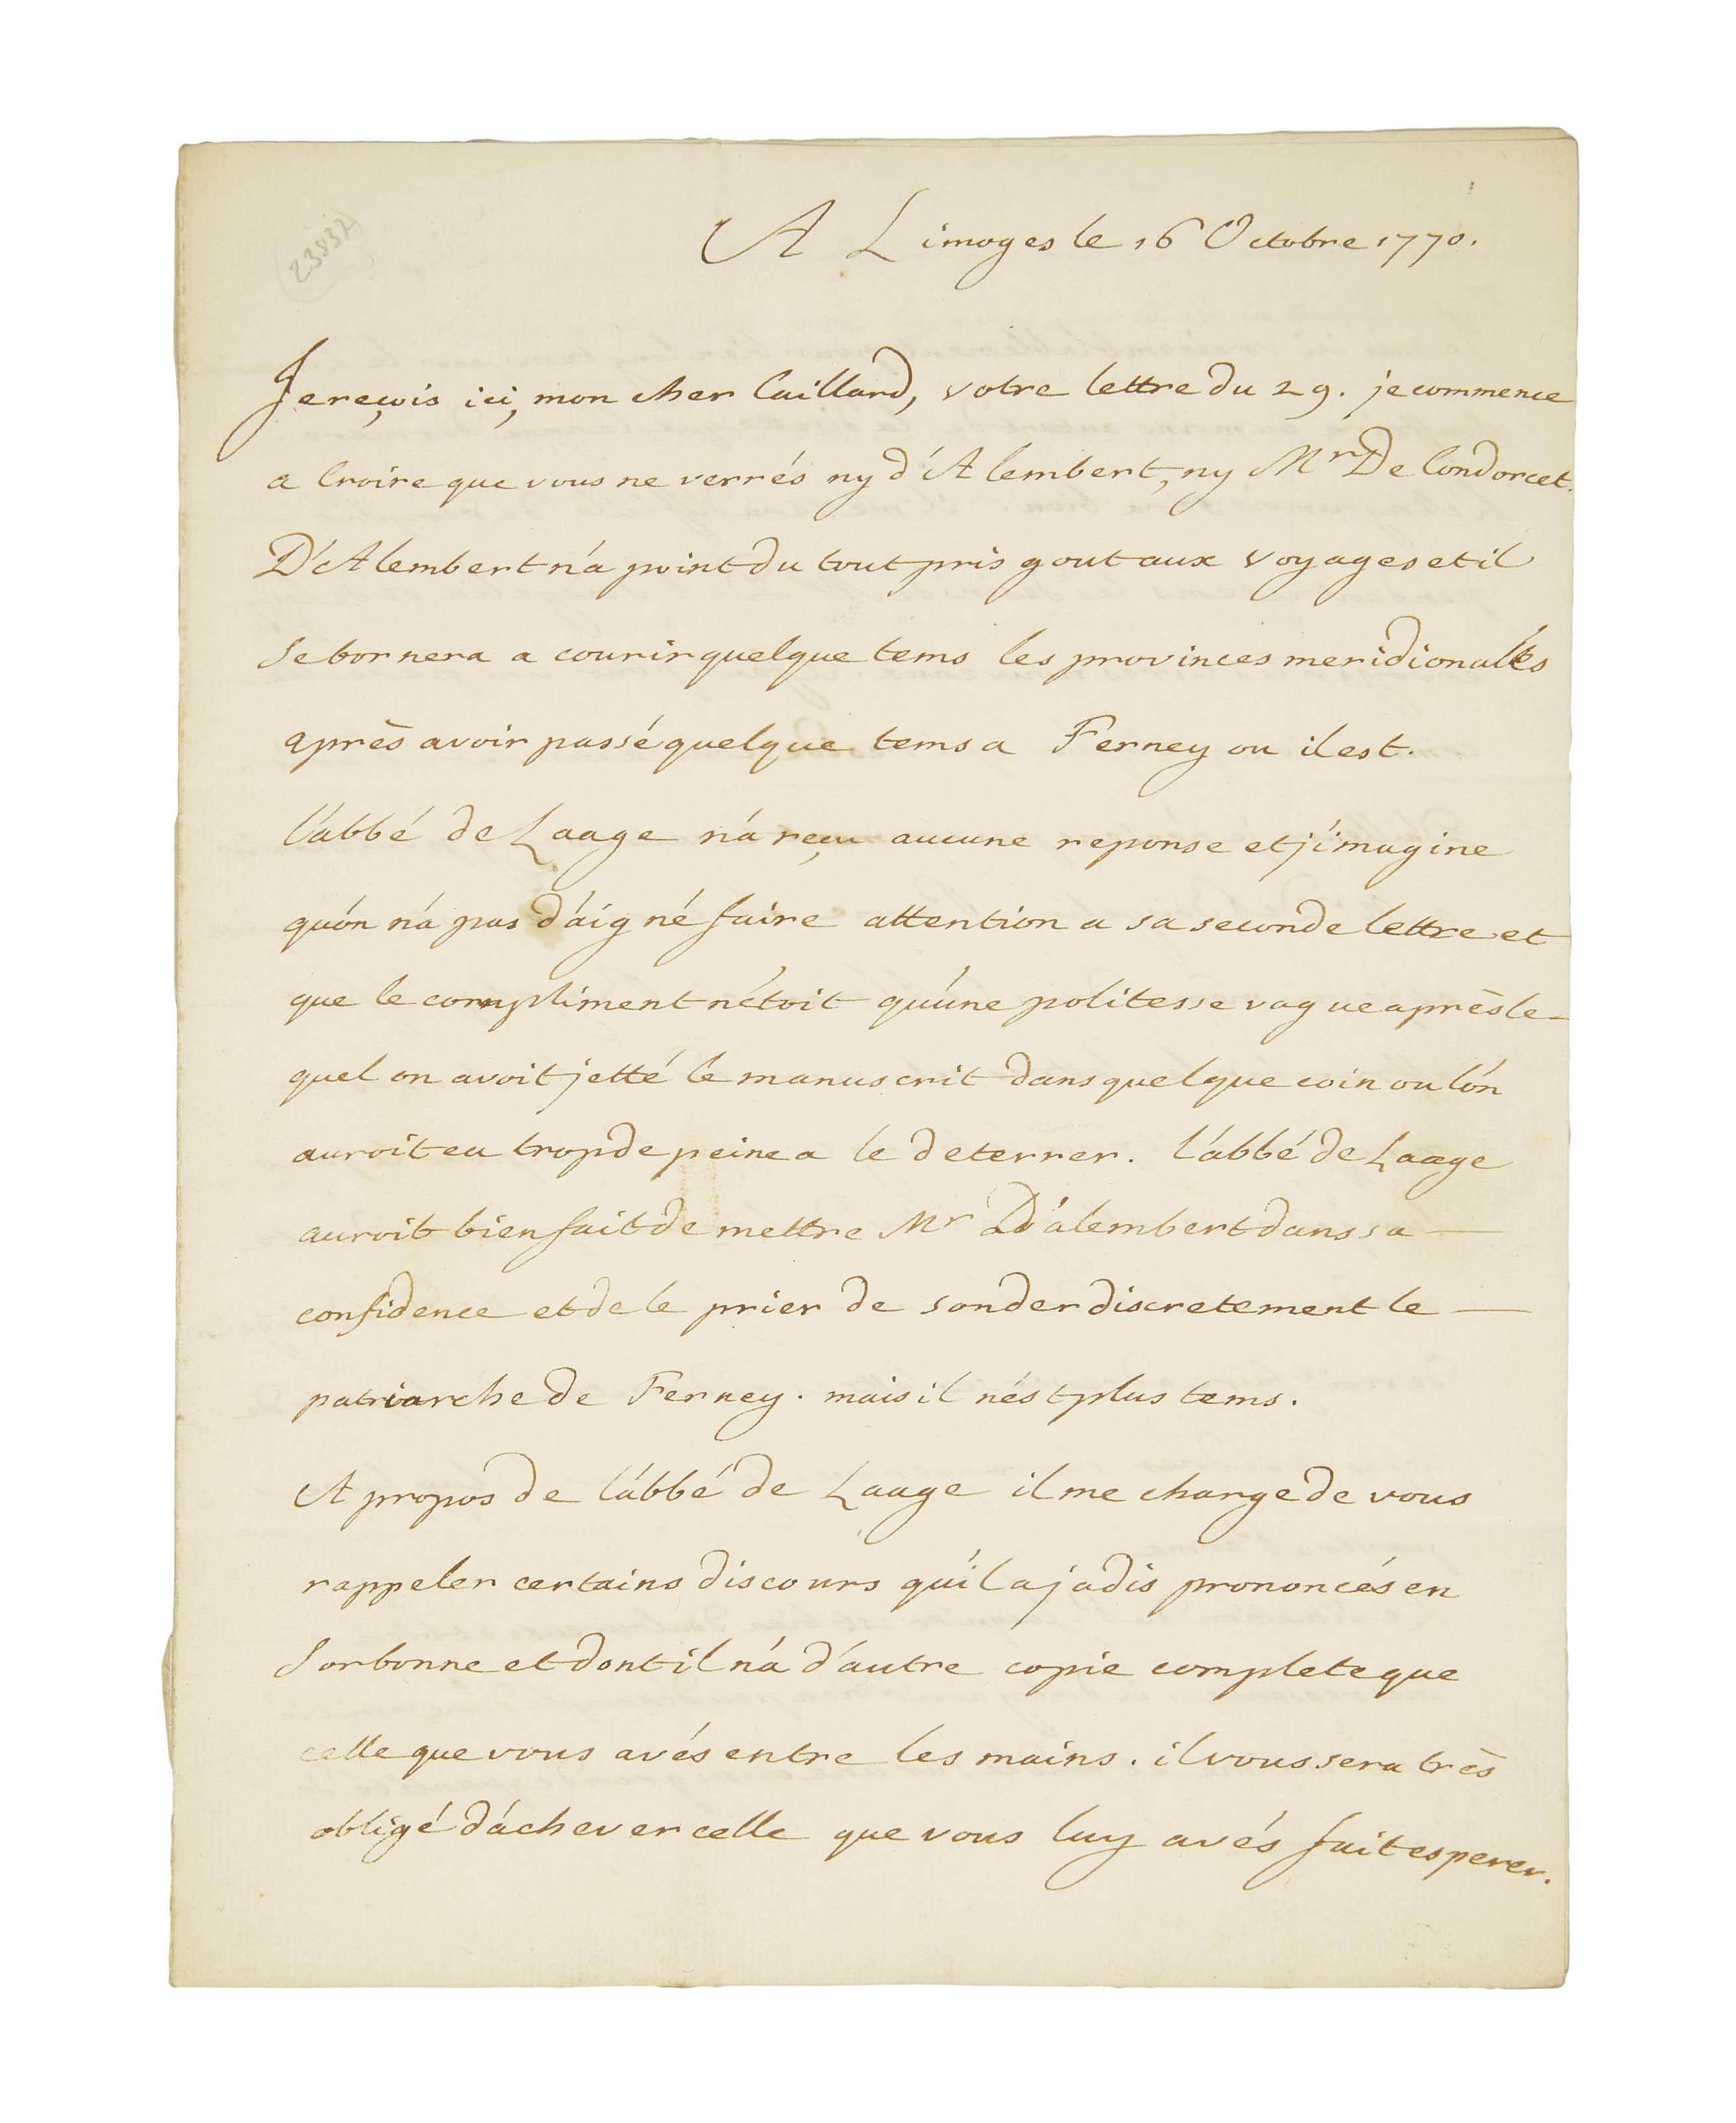 """TURGOT, Anne Robert Jacques (1727-1781). Lettre autographe à monsieur Caillard, """"Secrétaire de Me le Comte de Boisgelin, ministre de France à Parme"""", 2 pages et demie sur un double feuillet in-4 (220 x 166 mm), datée """"Limoges 16 octobre 1770"""". (Traces de pliure, petit trou.)"""